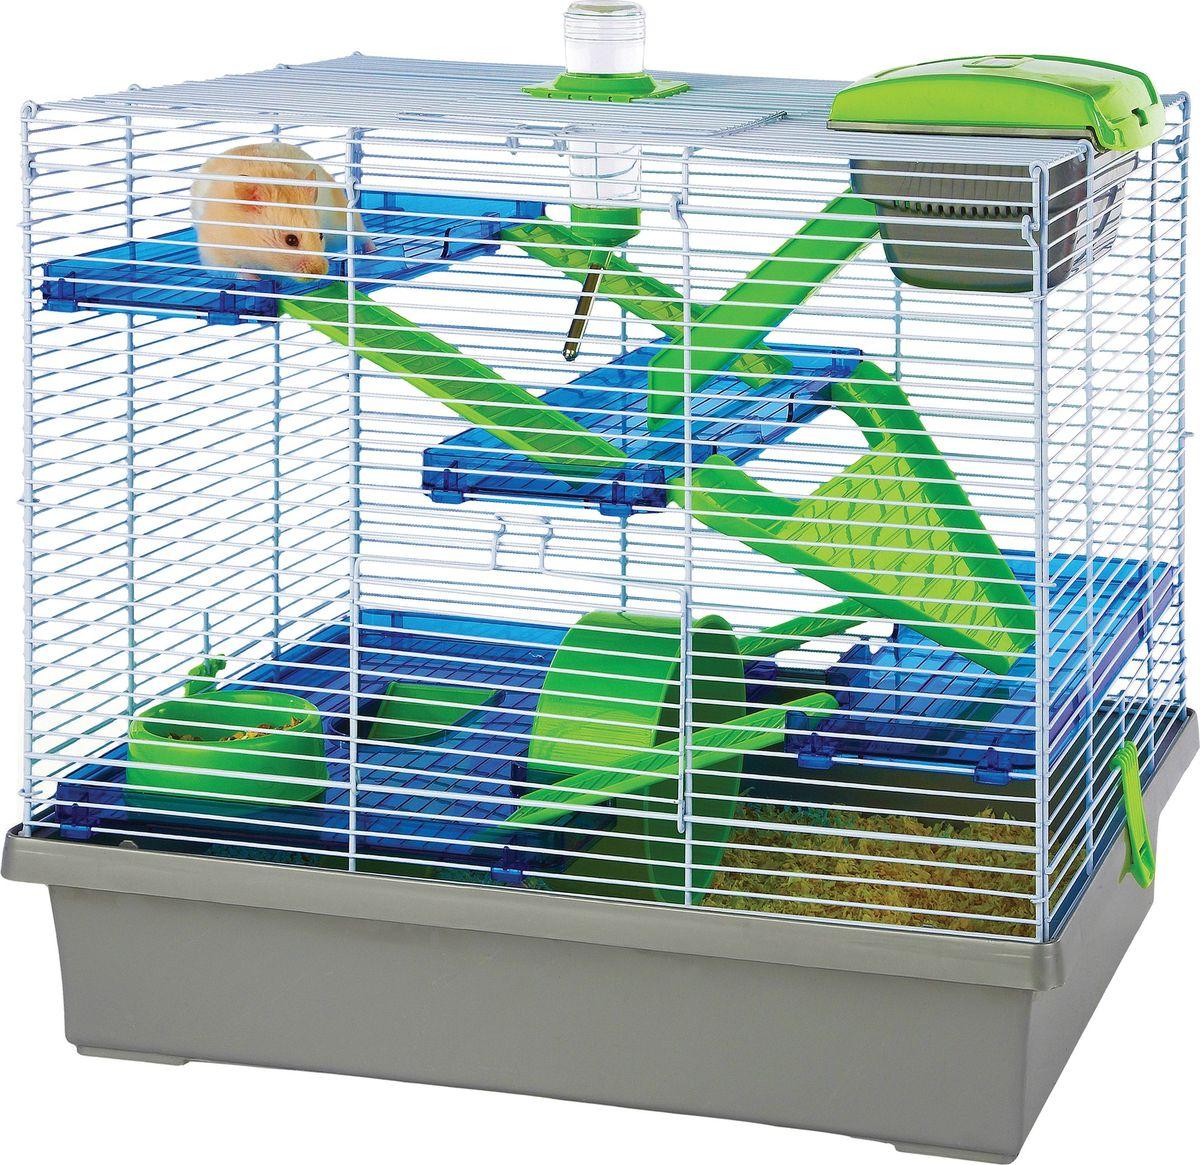 Клетка для грызунов Fauna International Pico, цвет: серебристый, зеленый, 50 х 36 х 45 см игрушка fauna international firt 0022 мяч на верёвке 40cm для собак 52021